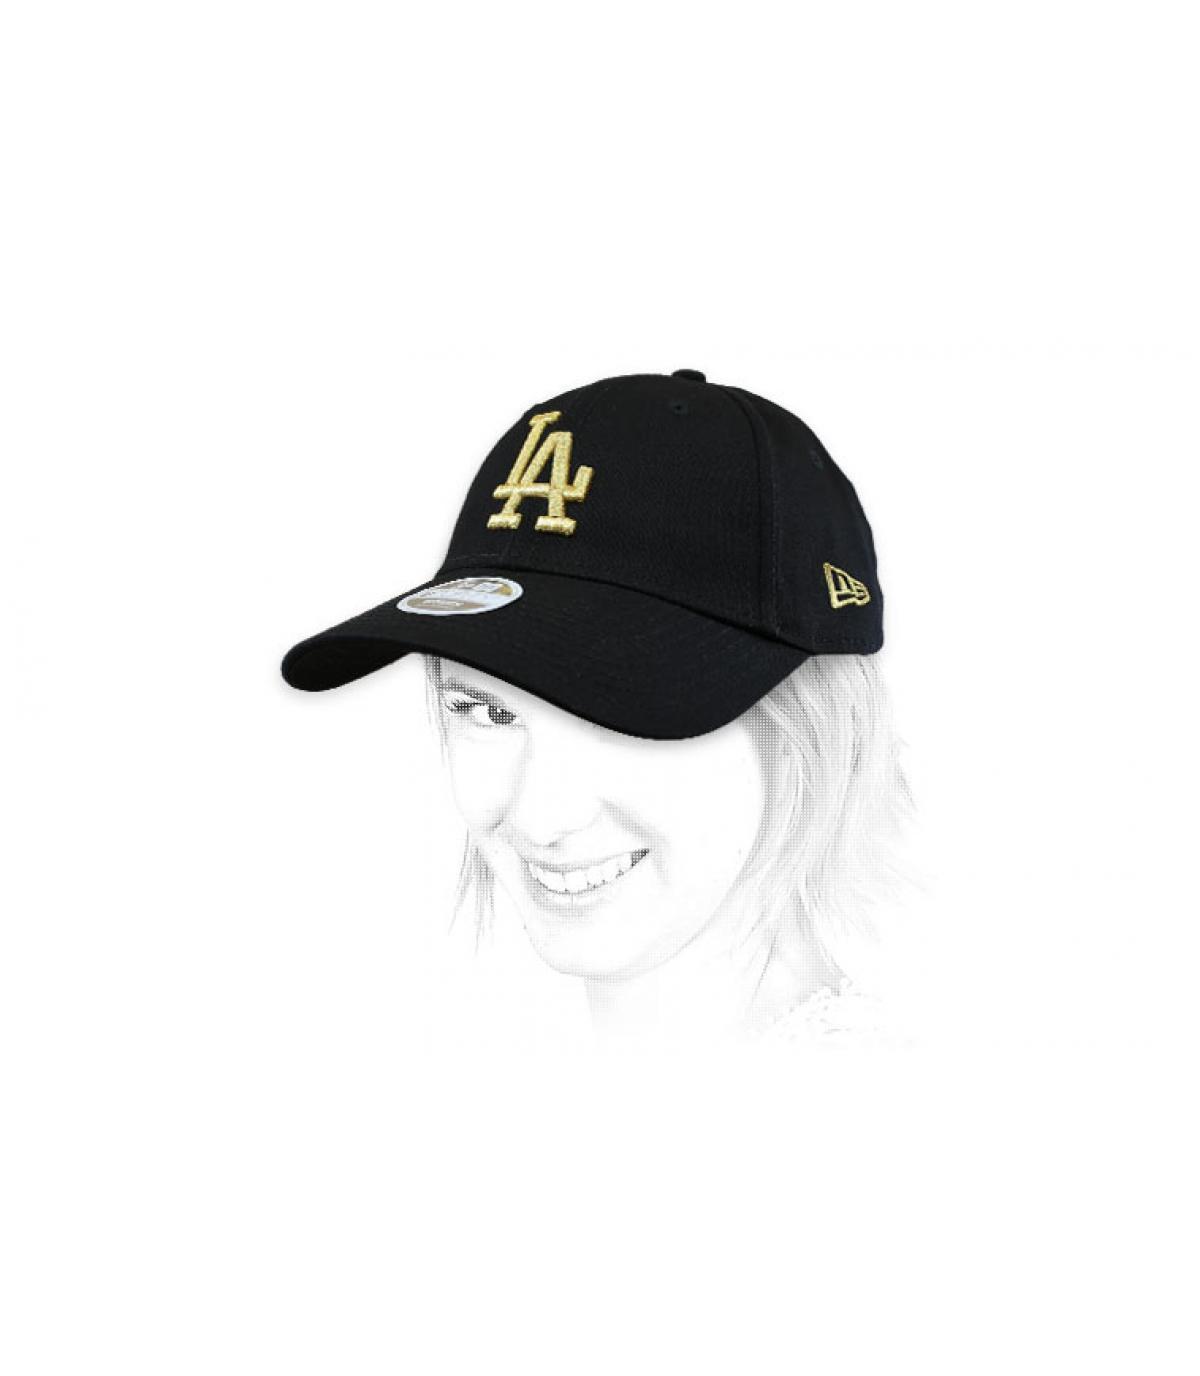 cappello donna LA nero oro